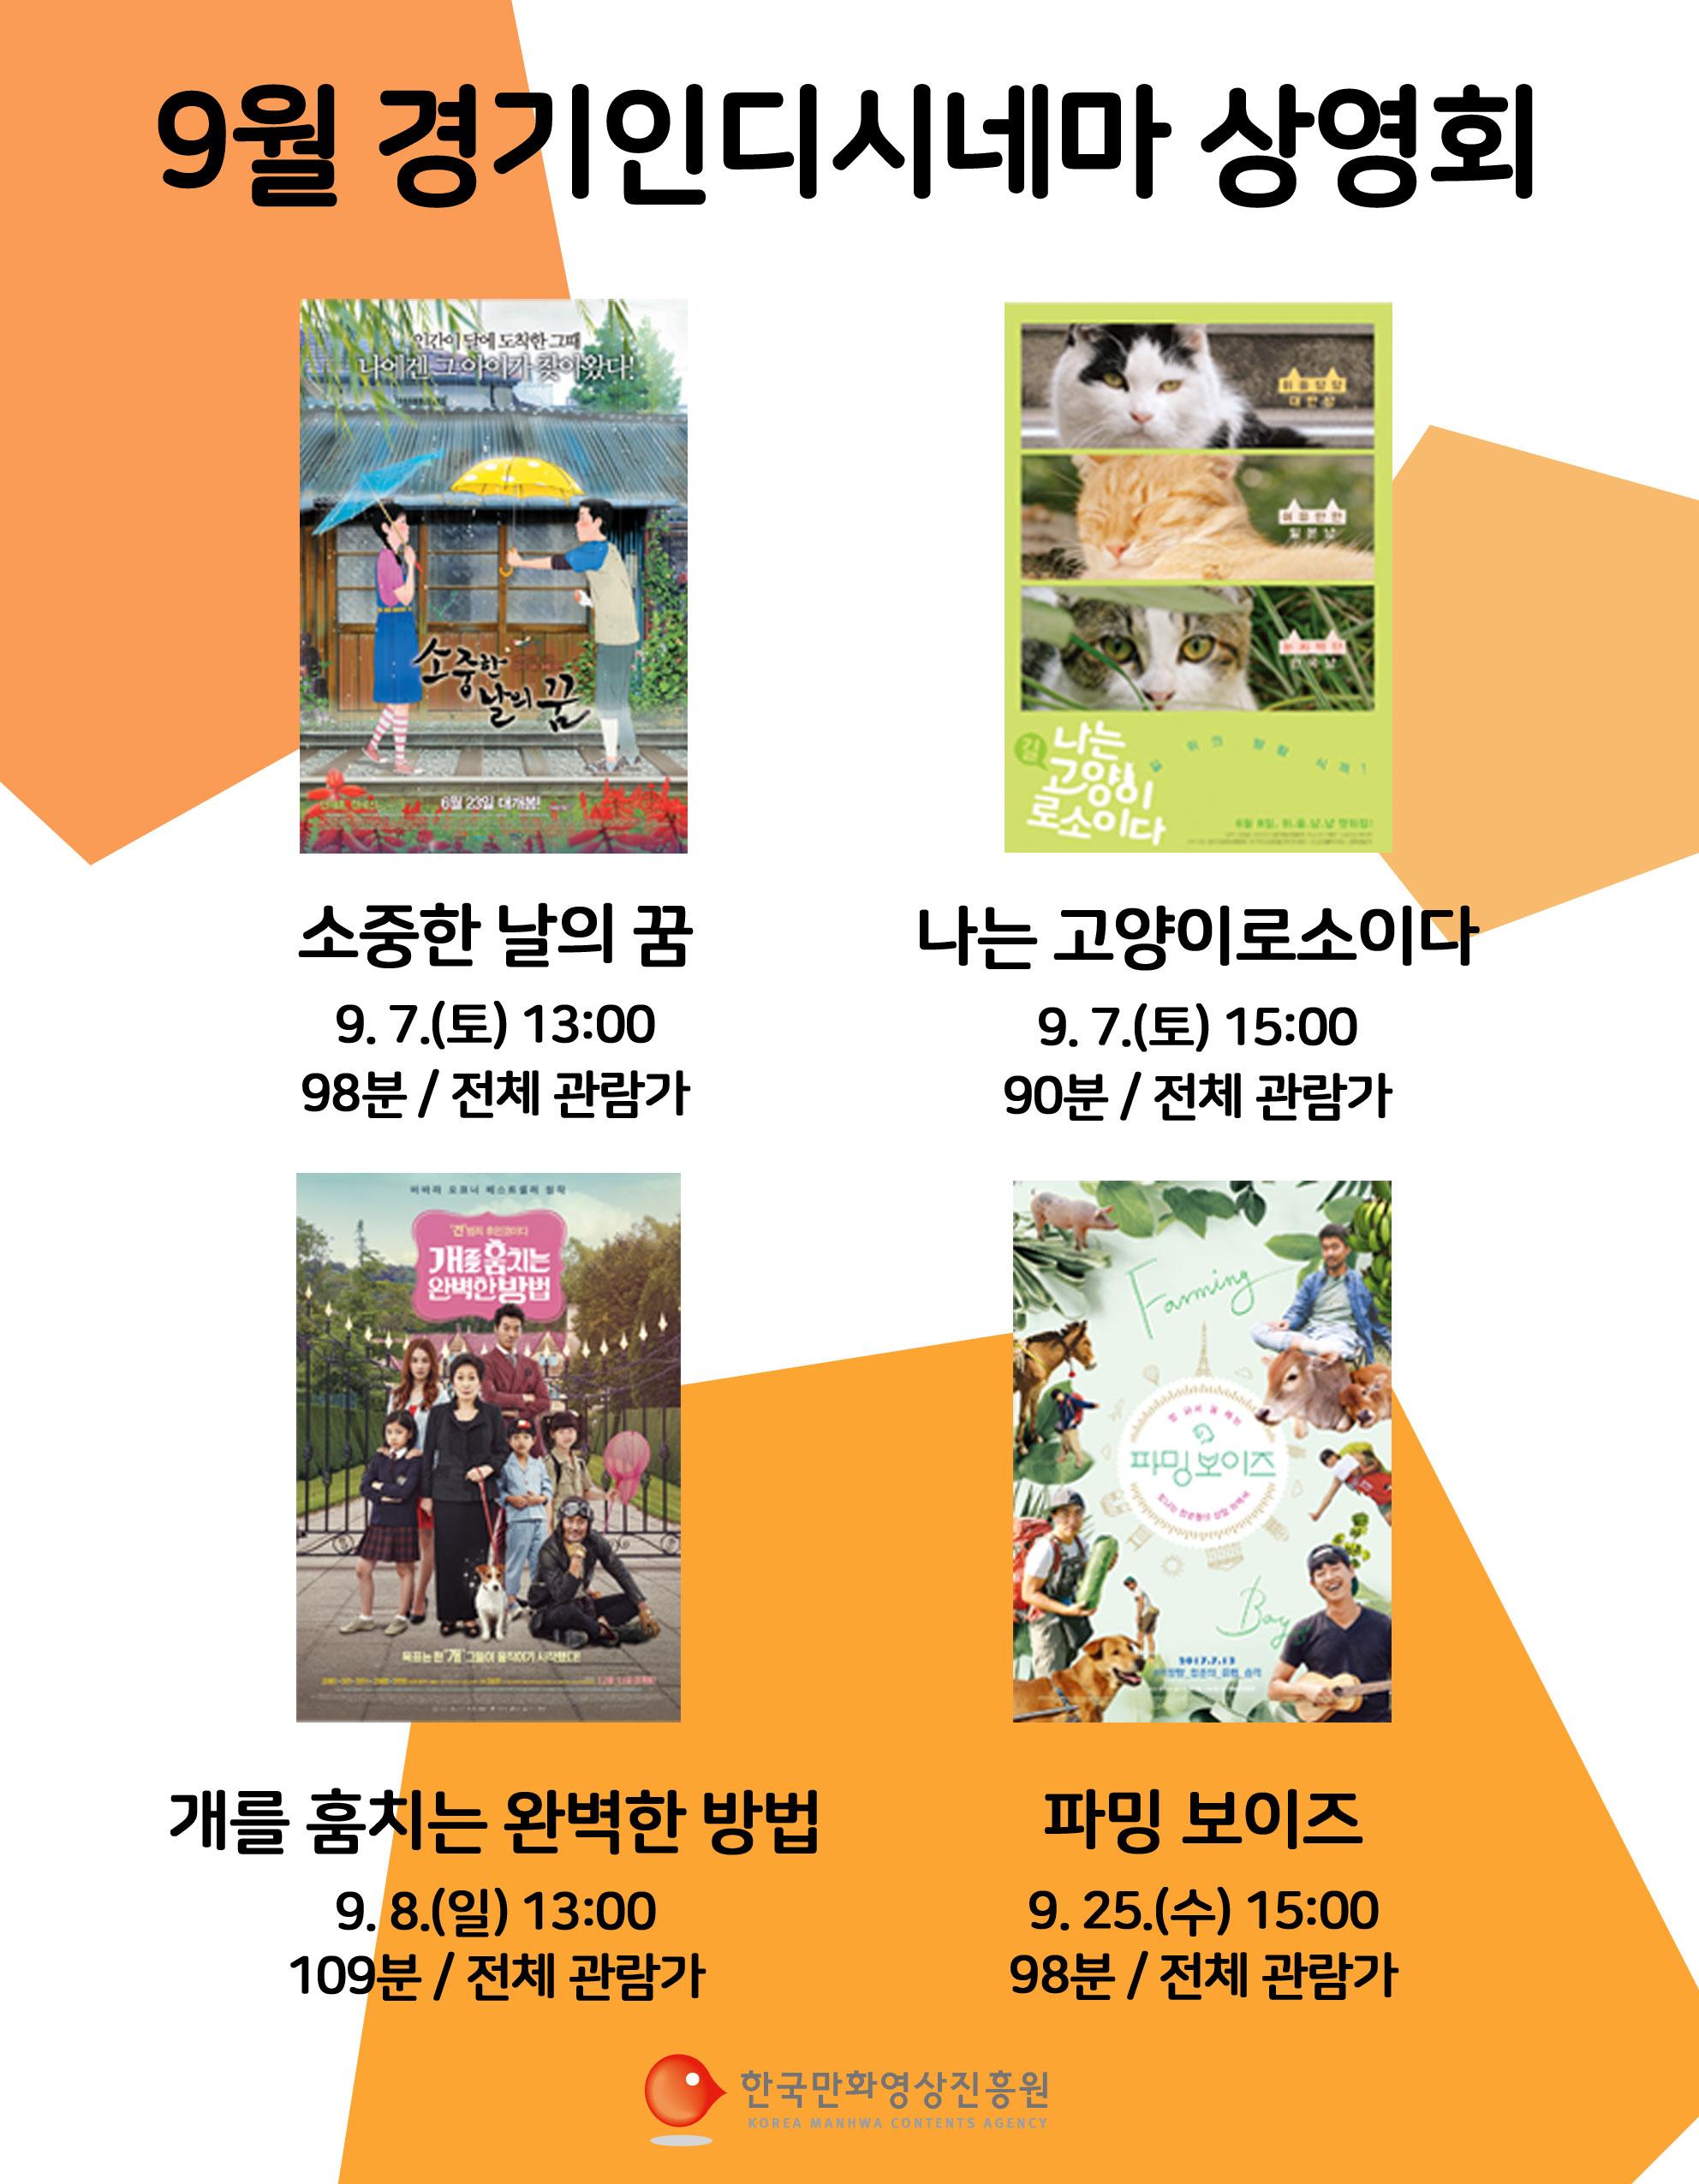 9월 경기인디시네마 상영작 포스터(하반기)_700.jpg